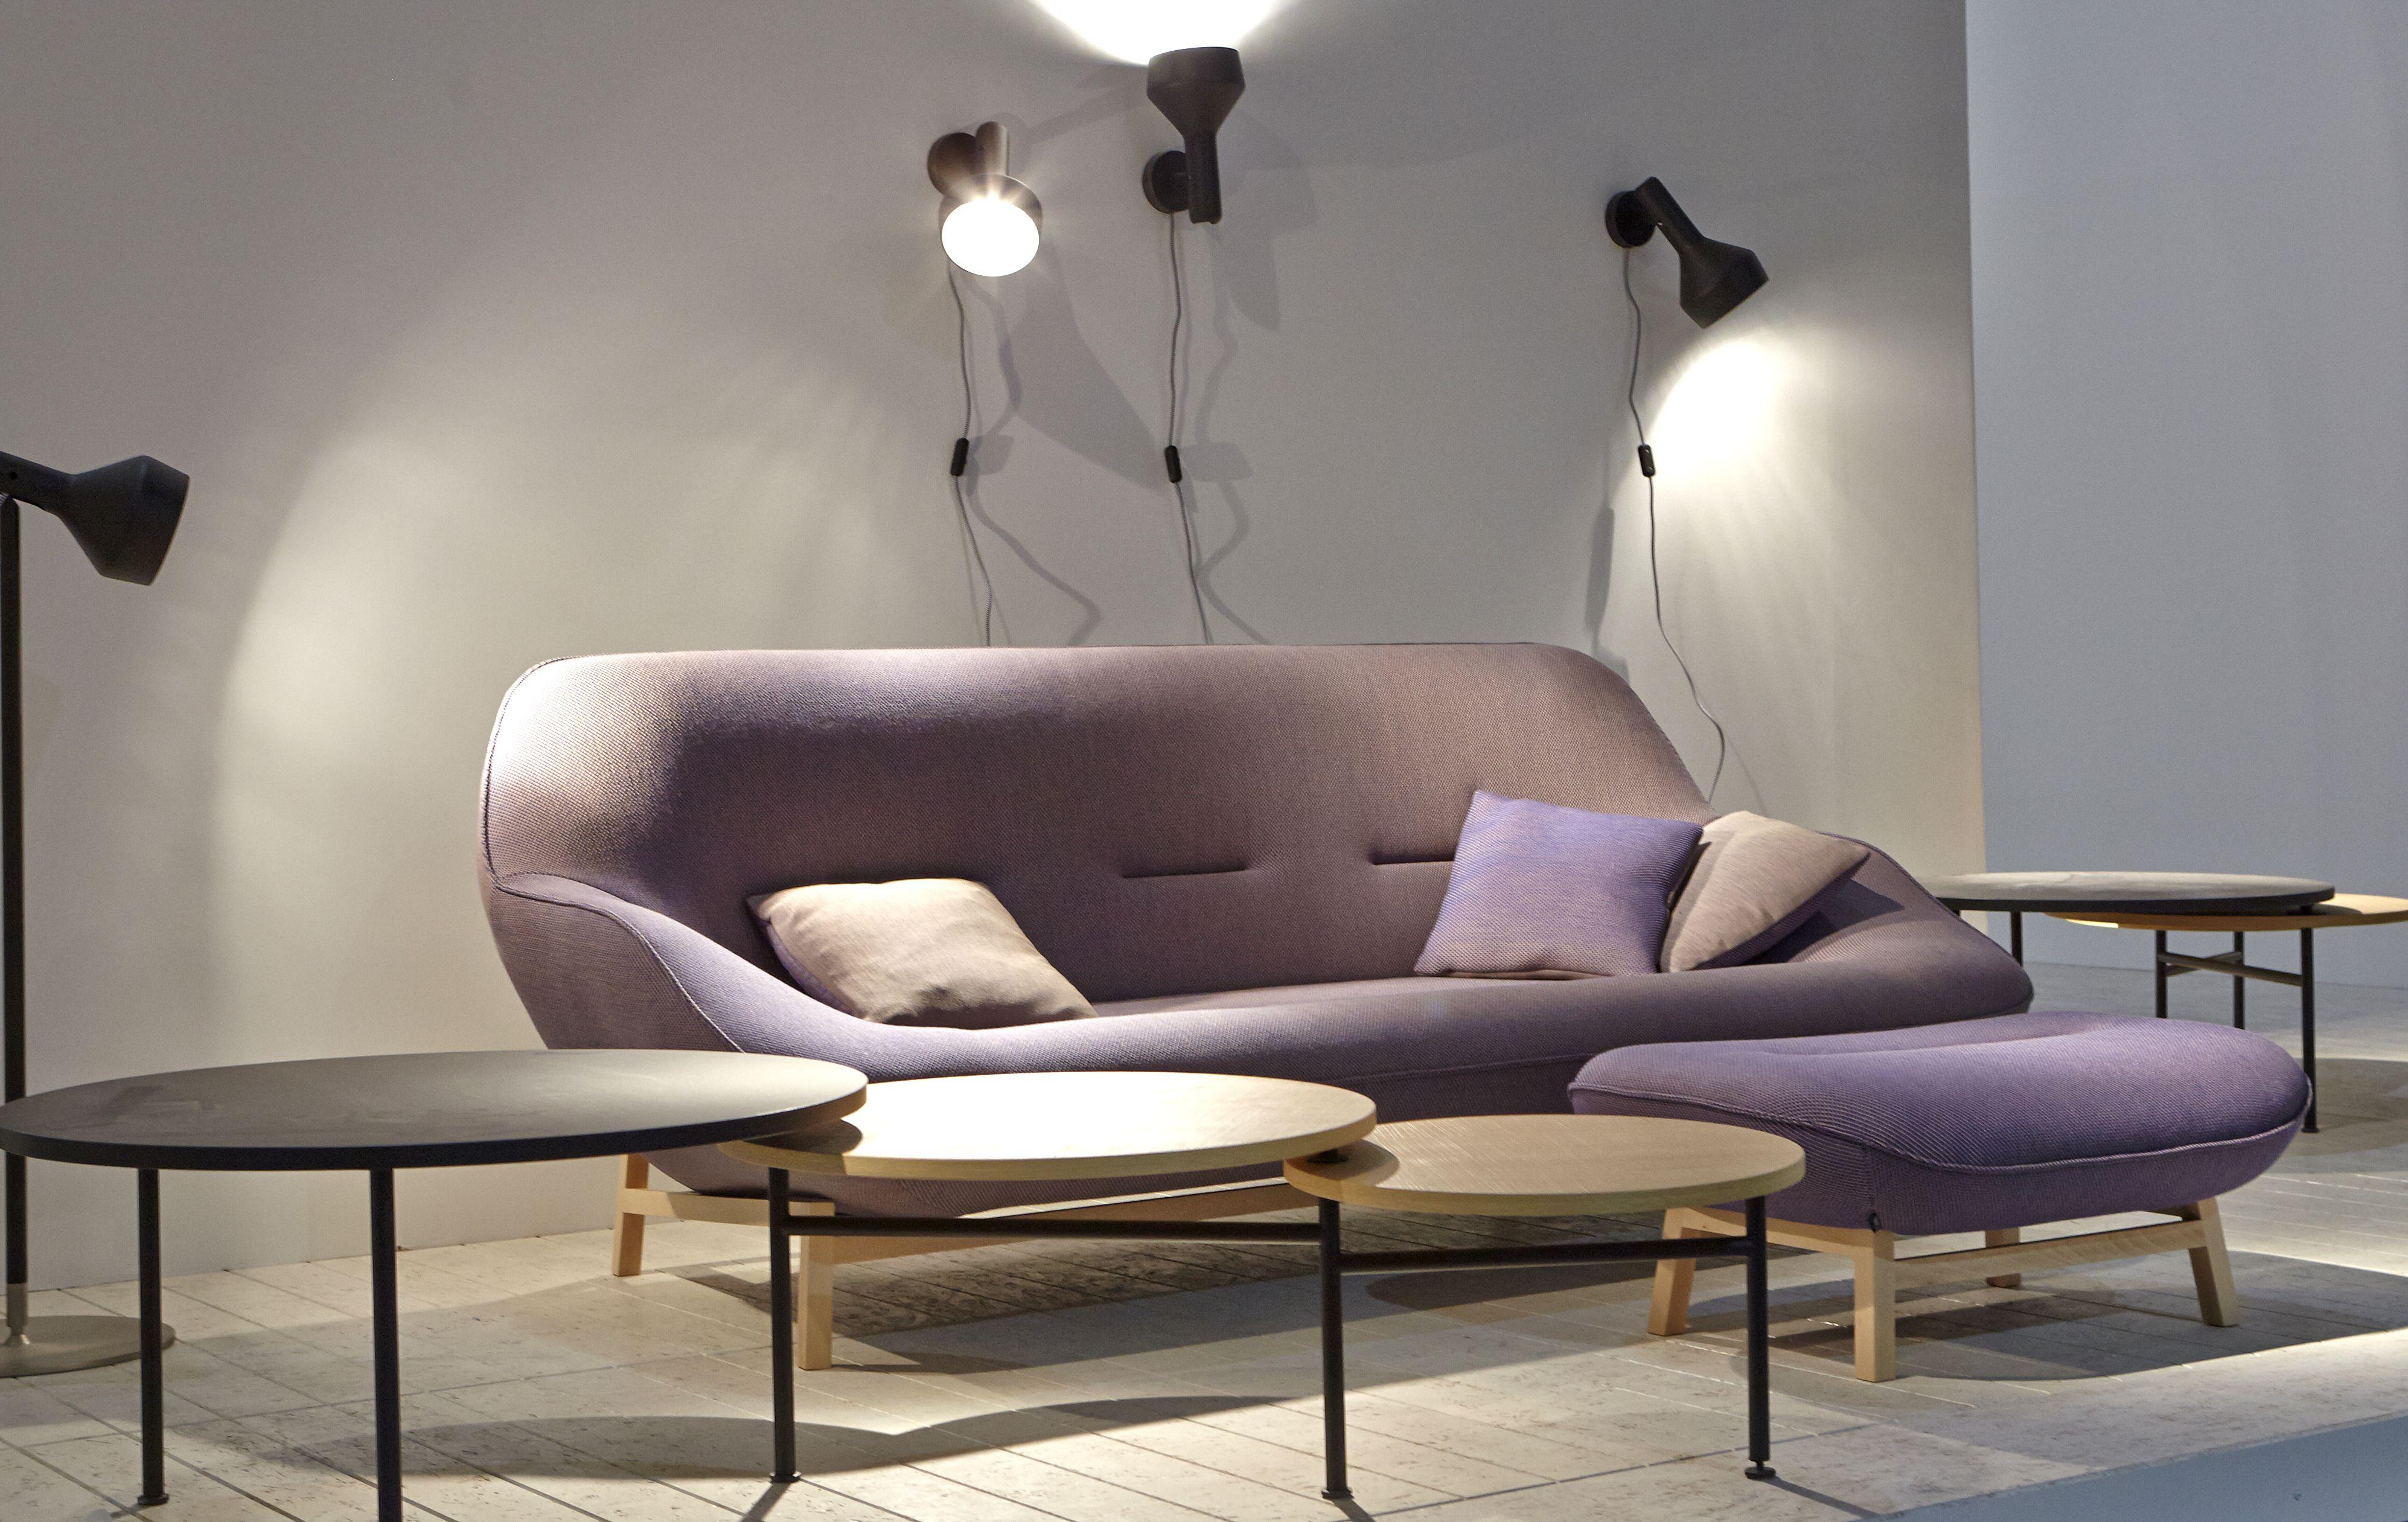 pin de cristian higareda en mobiliario furniture muebles dise o de interiores y decoraci n. Black Bedroom Furniture Sets. Home Design Ideas